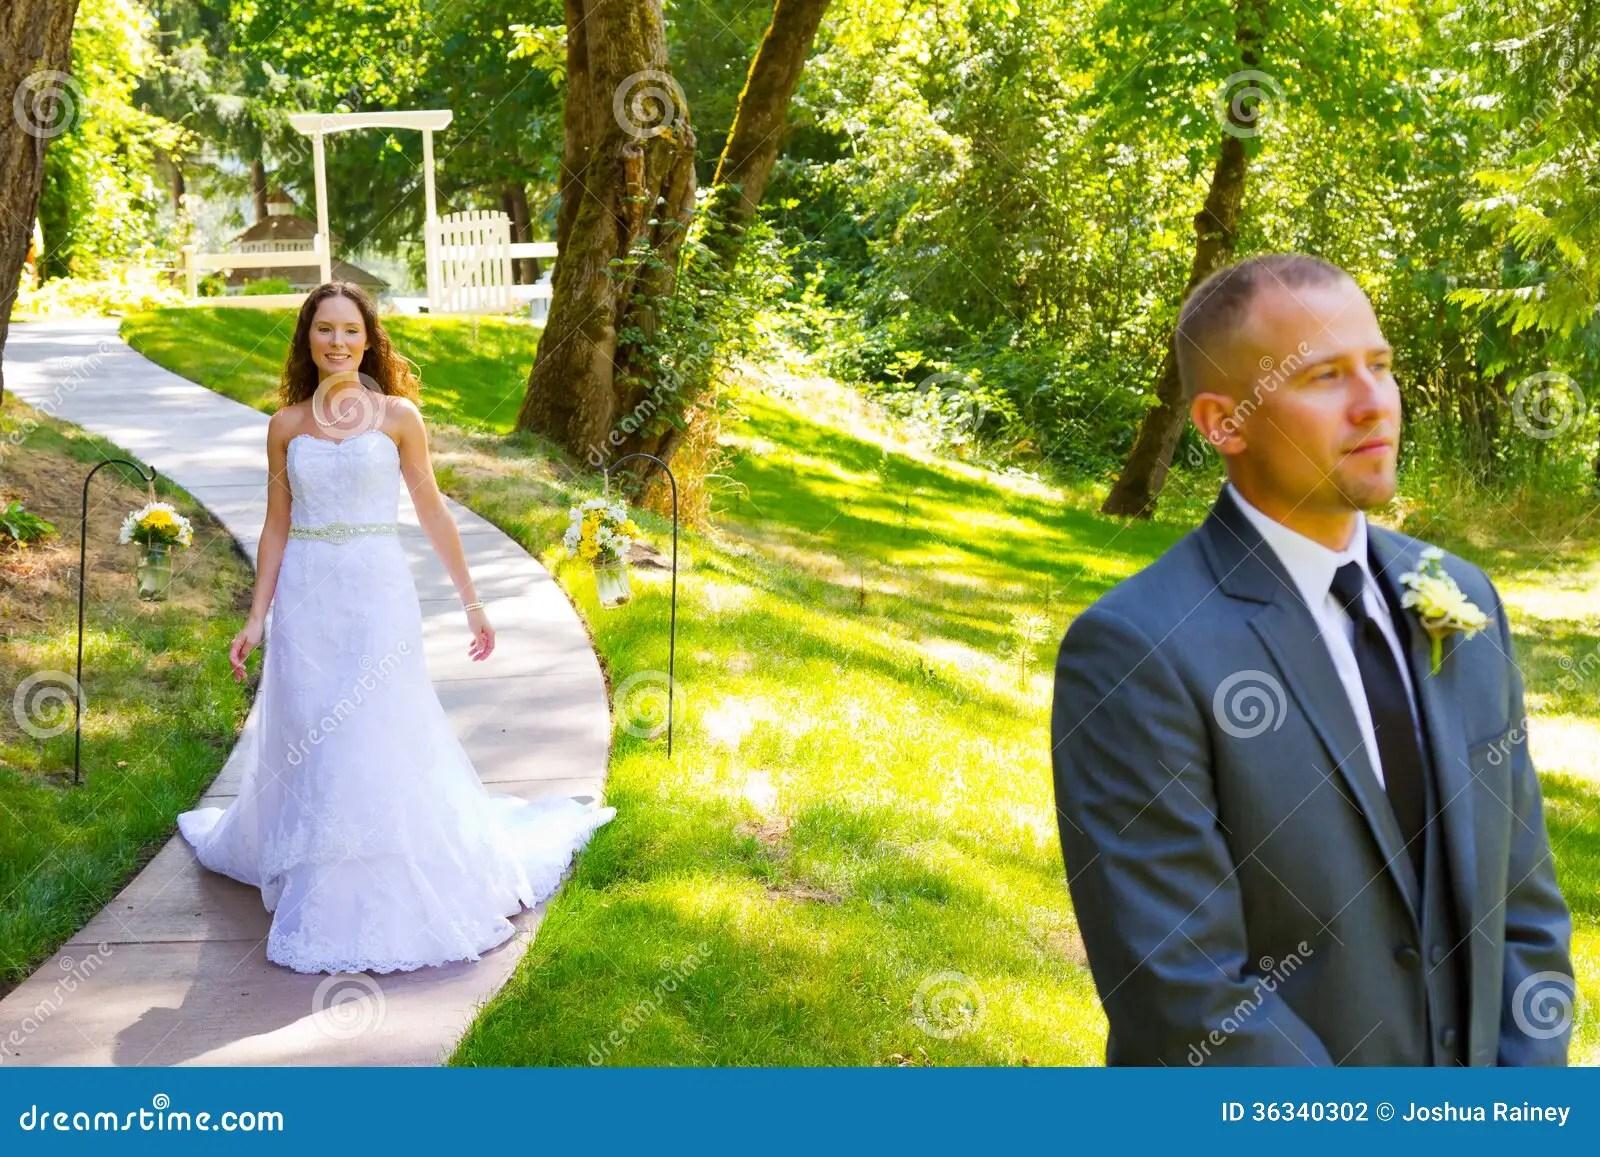 Daytime Wedding Attire